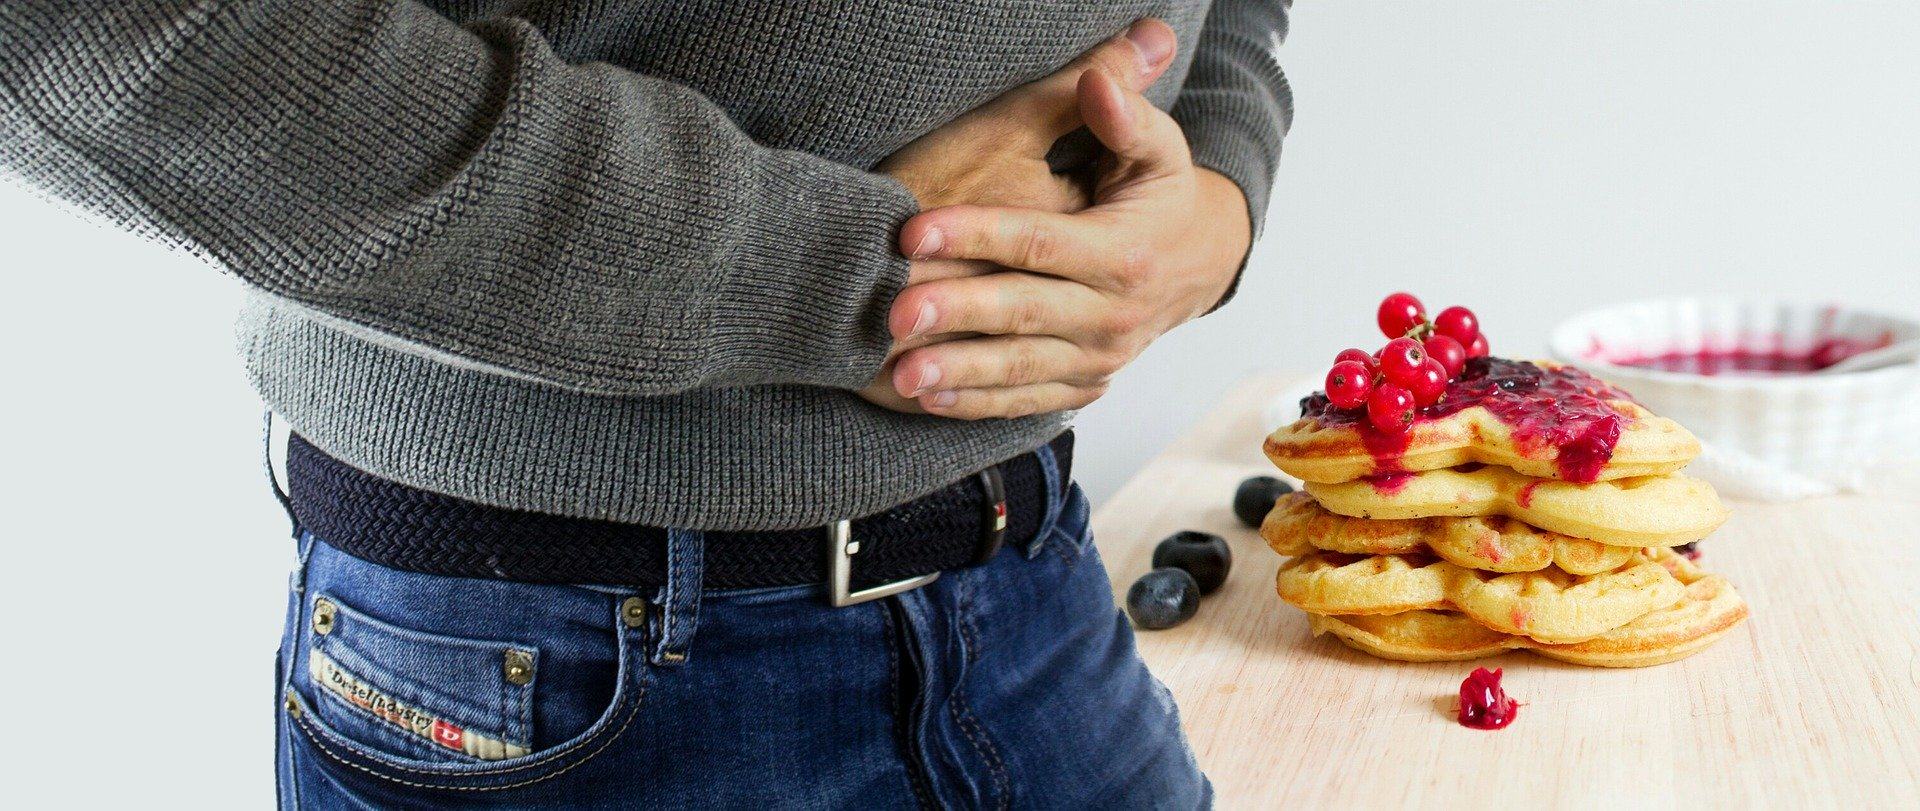 Микротолқынды пеште мүлдем қыздыруға болмайтын өнімдер  - на health.bugin.kz